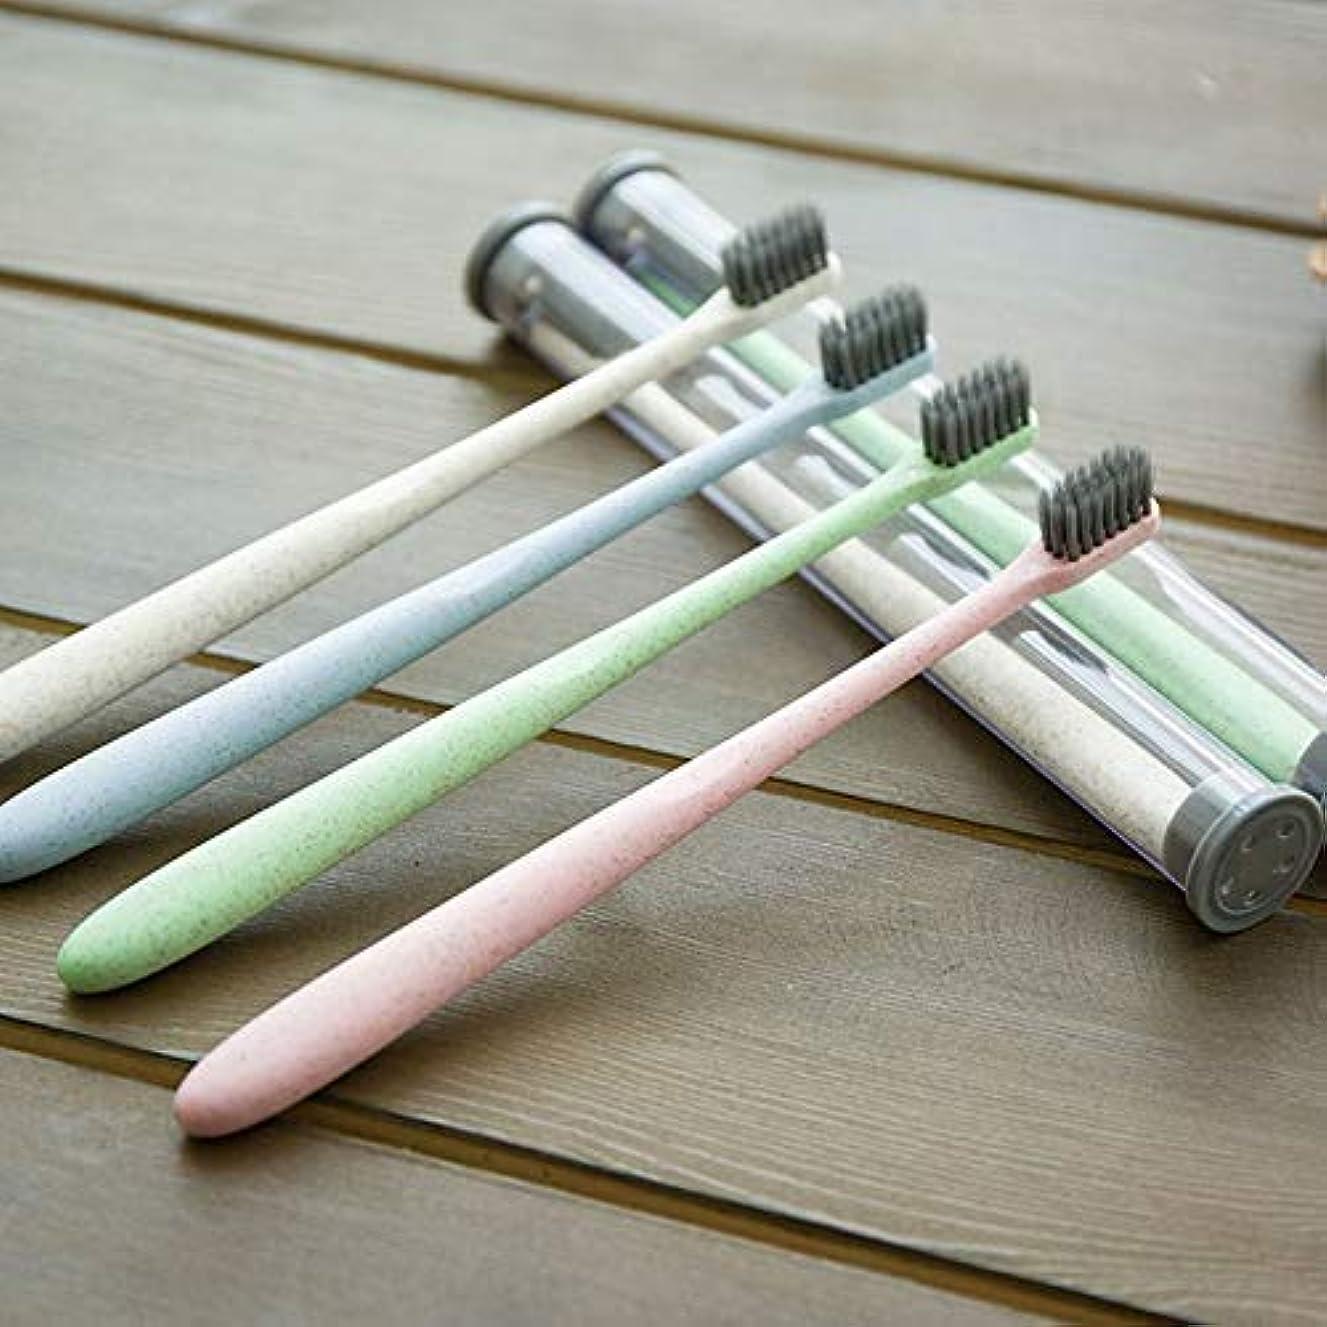 セクションルアートラフィックホームトラベル大人小麦わら歯ブラシポータブルソフト歯ブラシクリーニング歯ガードツール収納ケース付き - グリーン